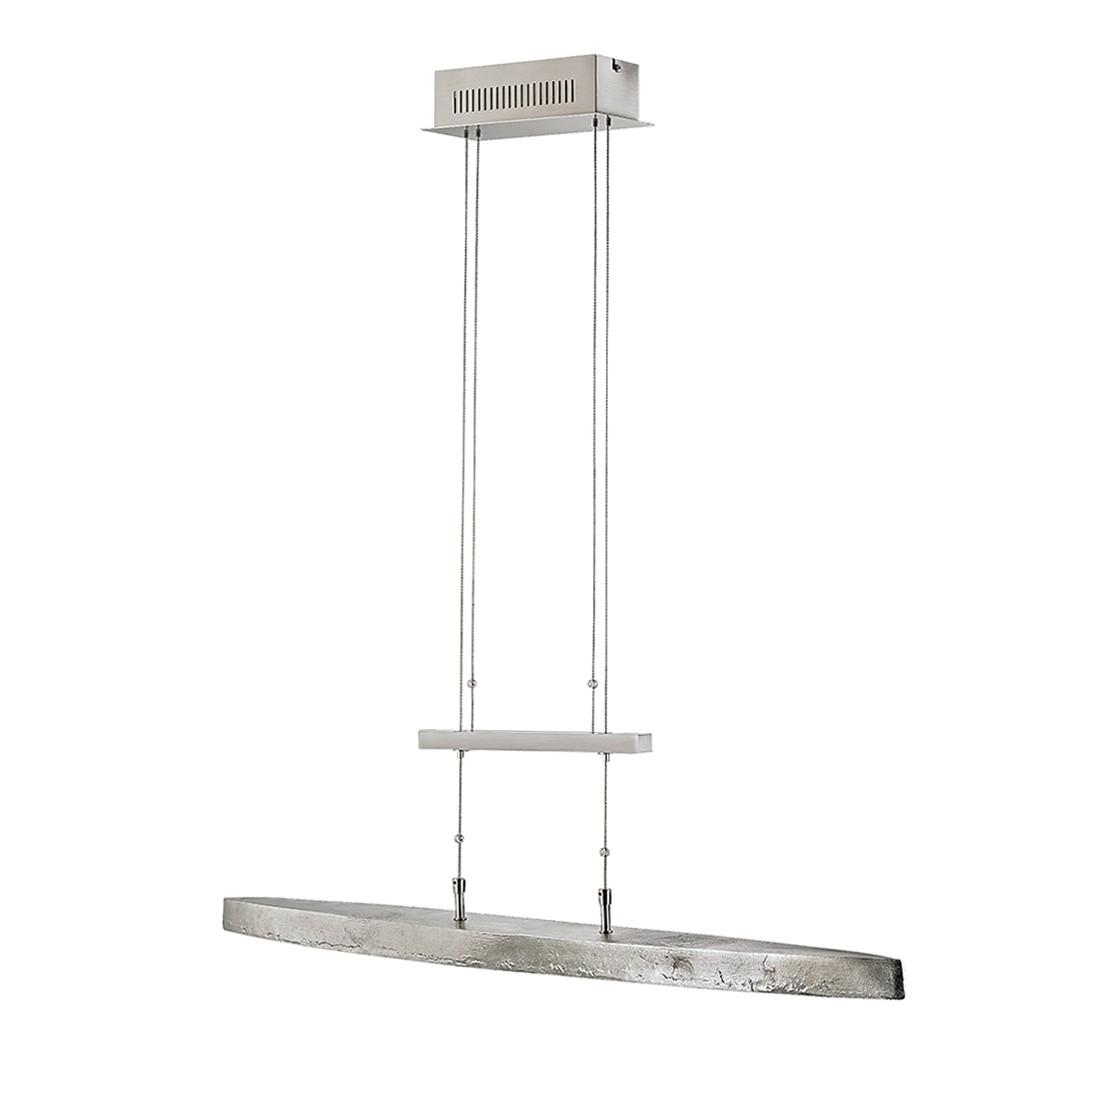 Suspension LED SHINE ALU